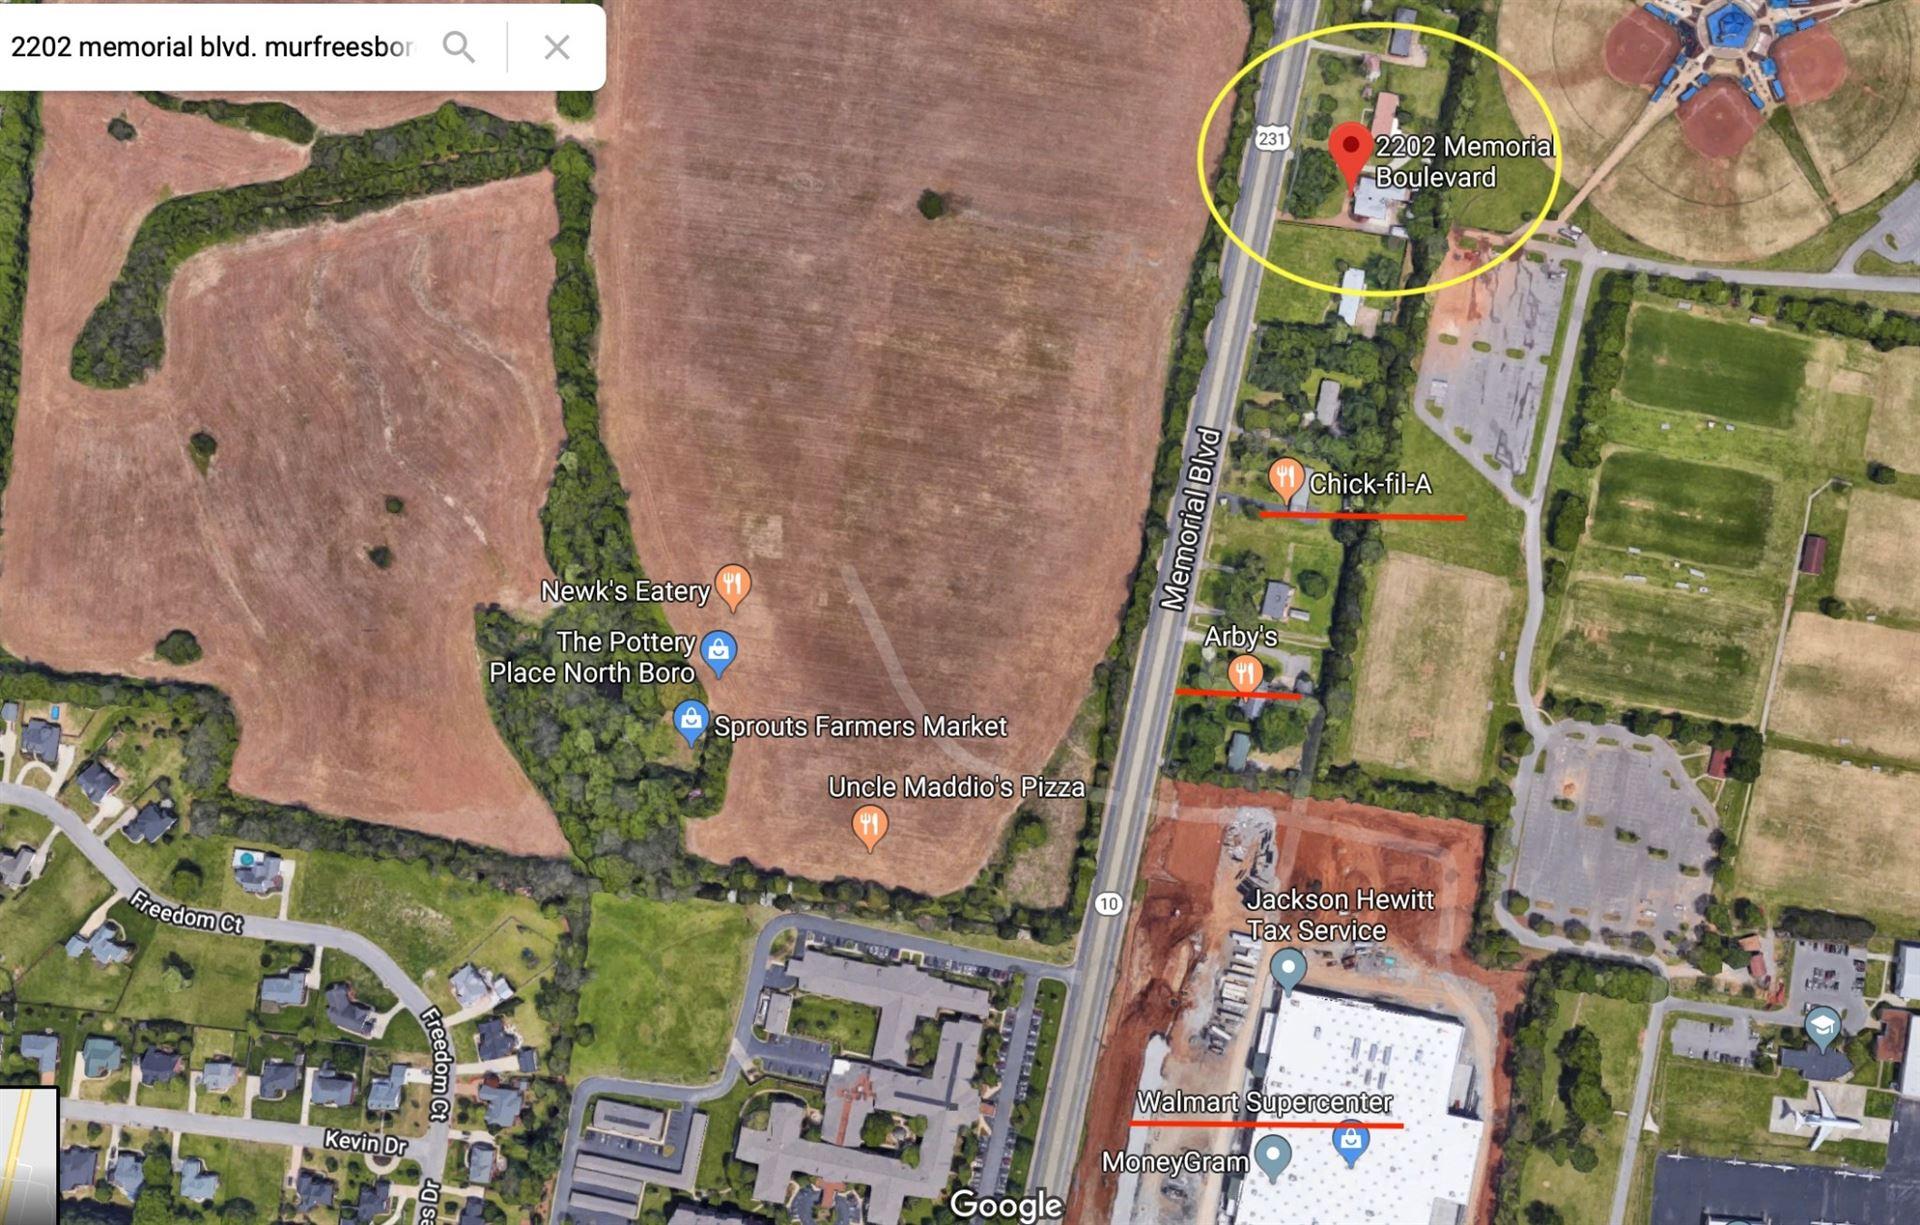 Photo of 2202 Memorial Blvd, Murfreesboro, TN 37129 (MLS # 2243506)